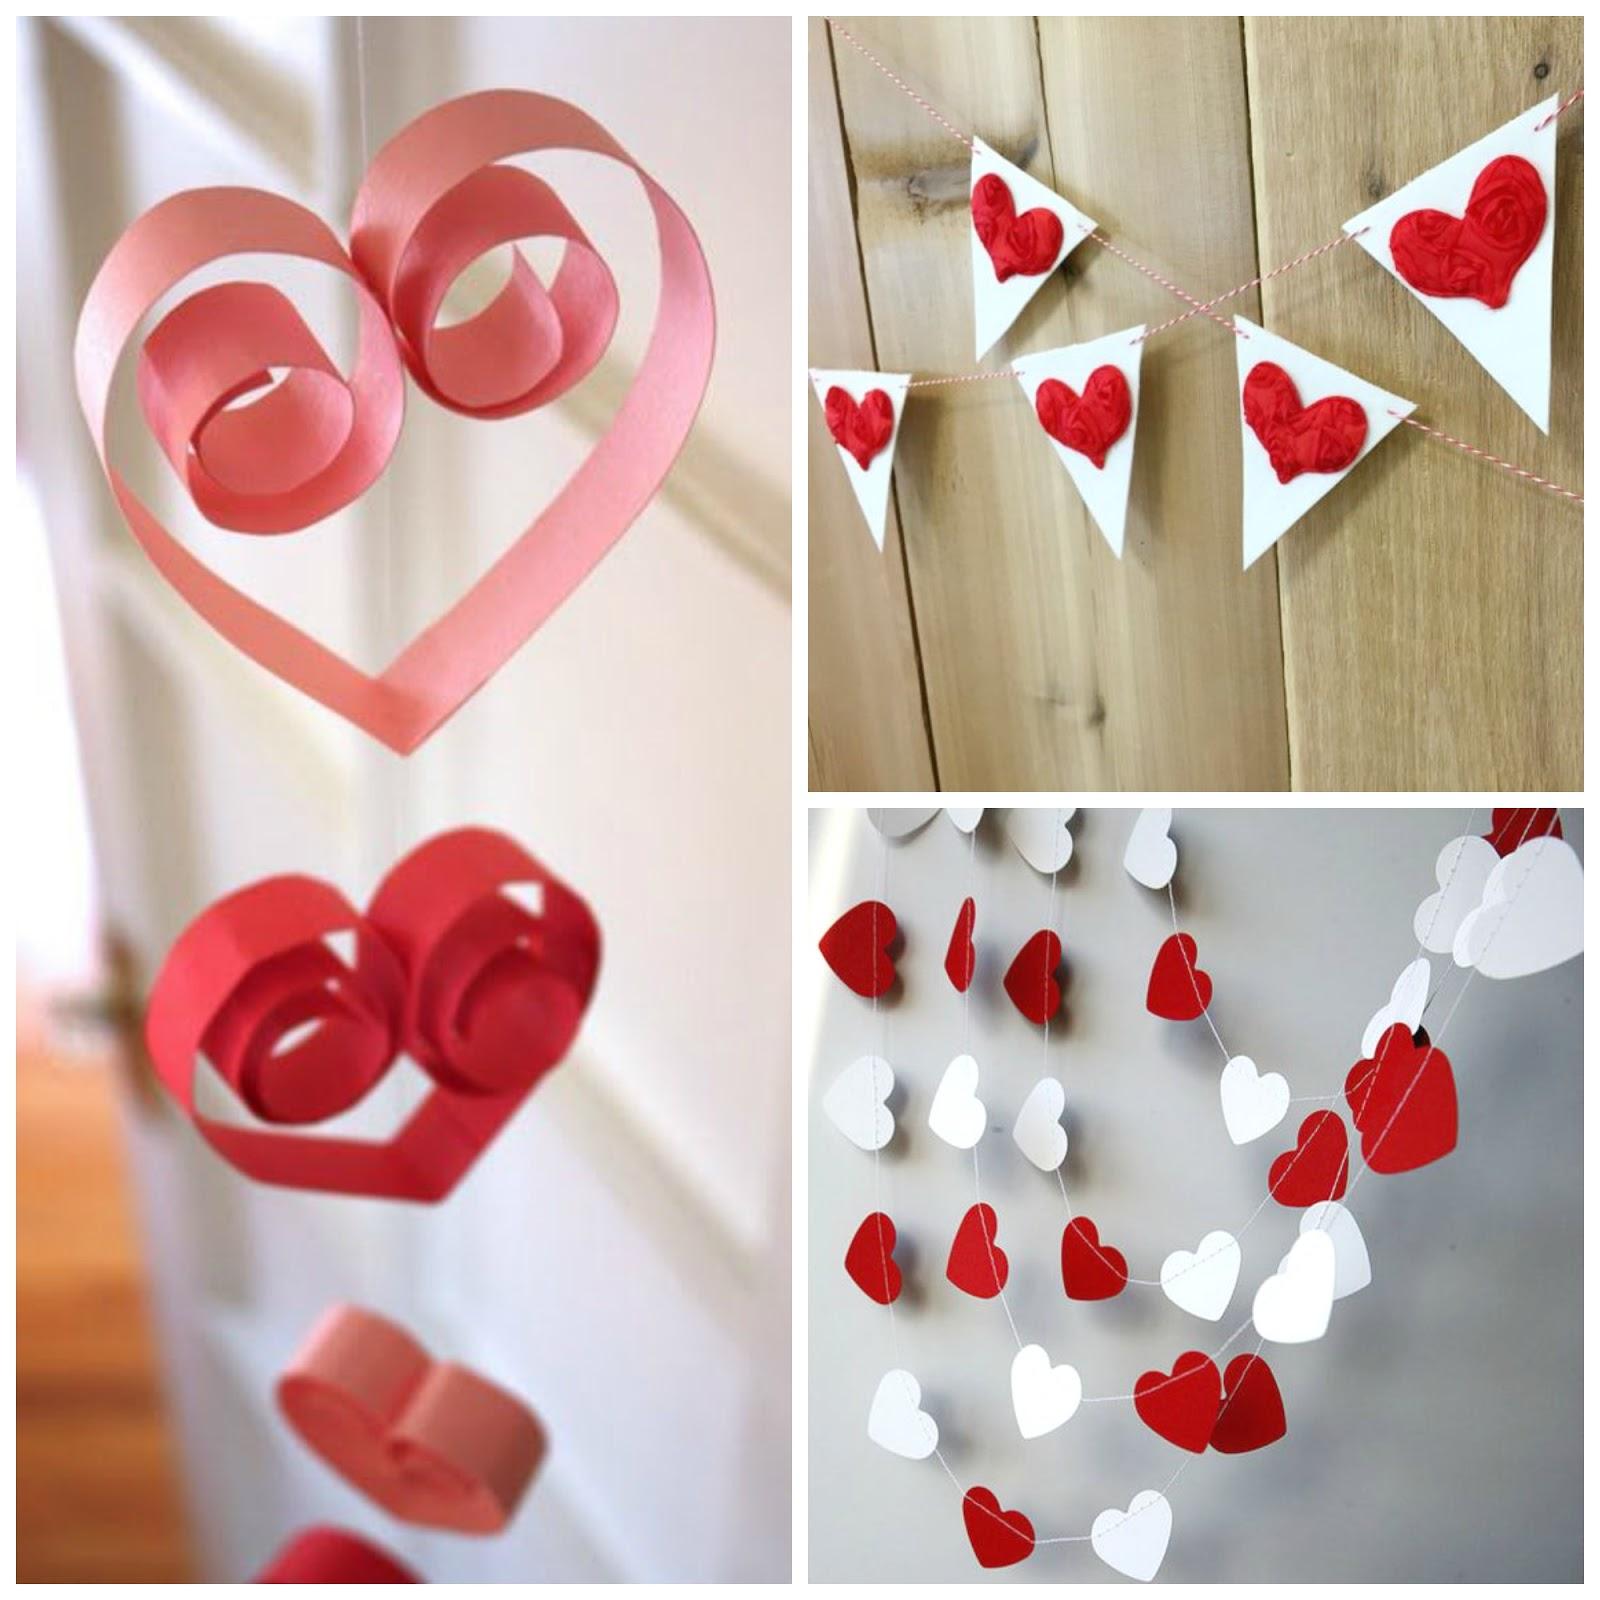 Blog and coffee ideas para san valent n for Ideas decoracion san valentin